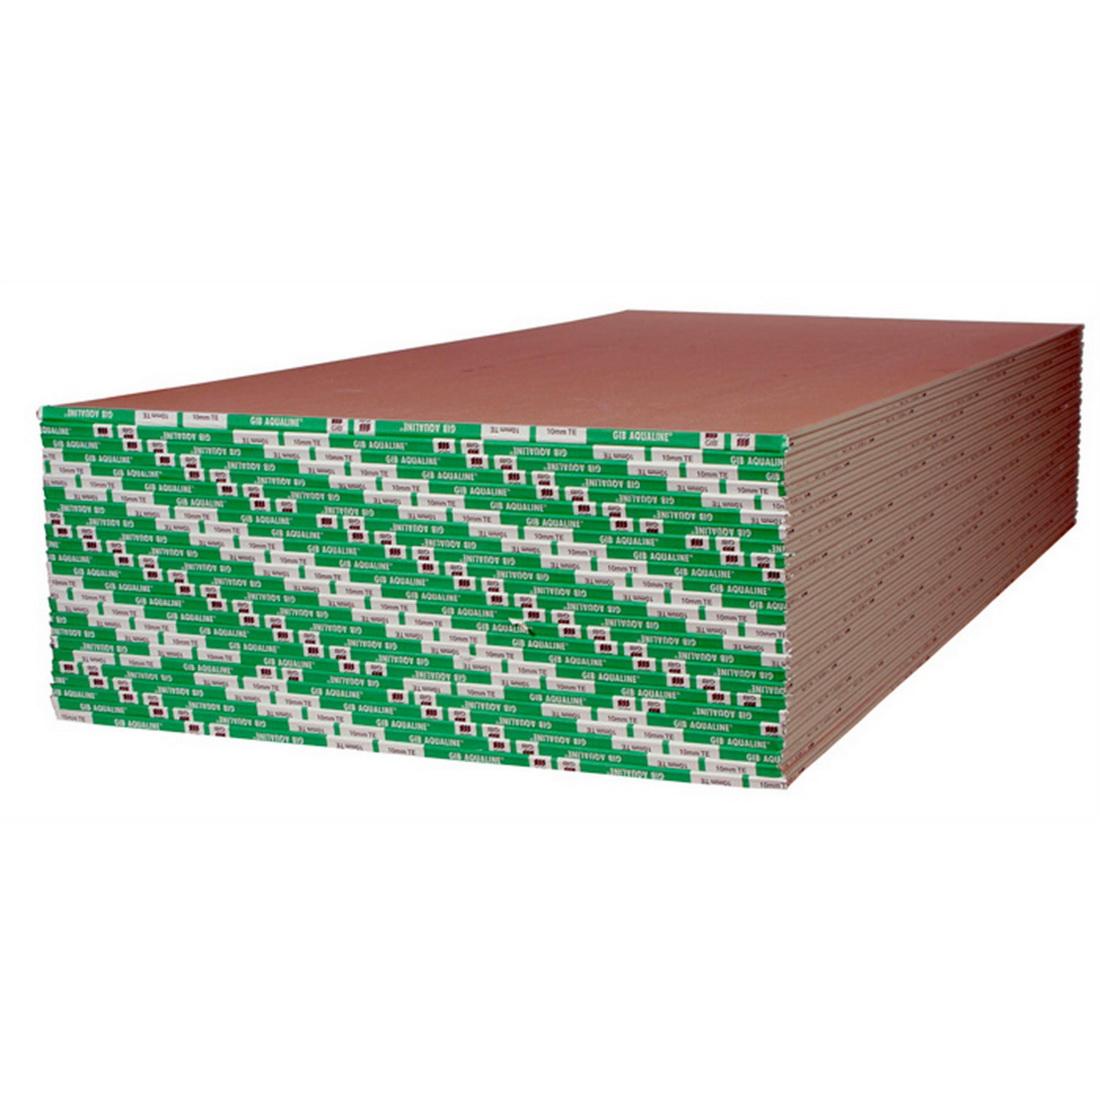 Aqualine Plasterboard 2400 x 1200 x 13mm 12531